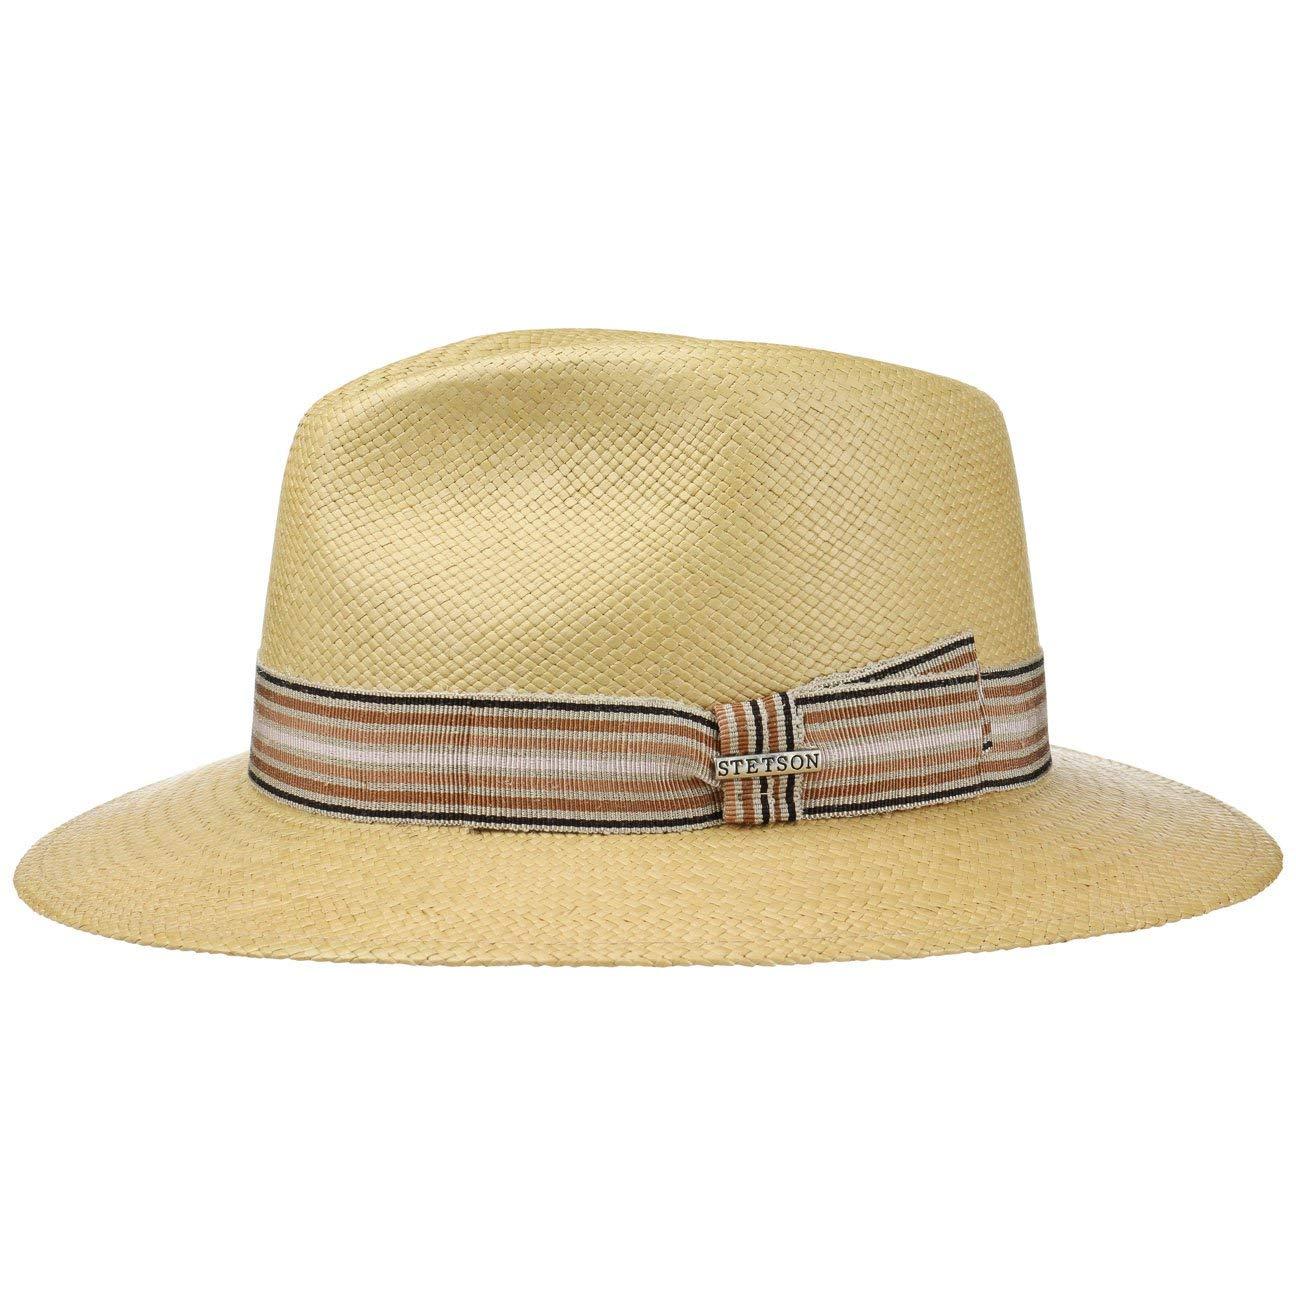 Stetson Cappello Panama Duran Traveller Paglia Estivo da Sole  Amazon.it   Abbigliamento 38f751d10d39